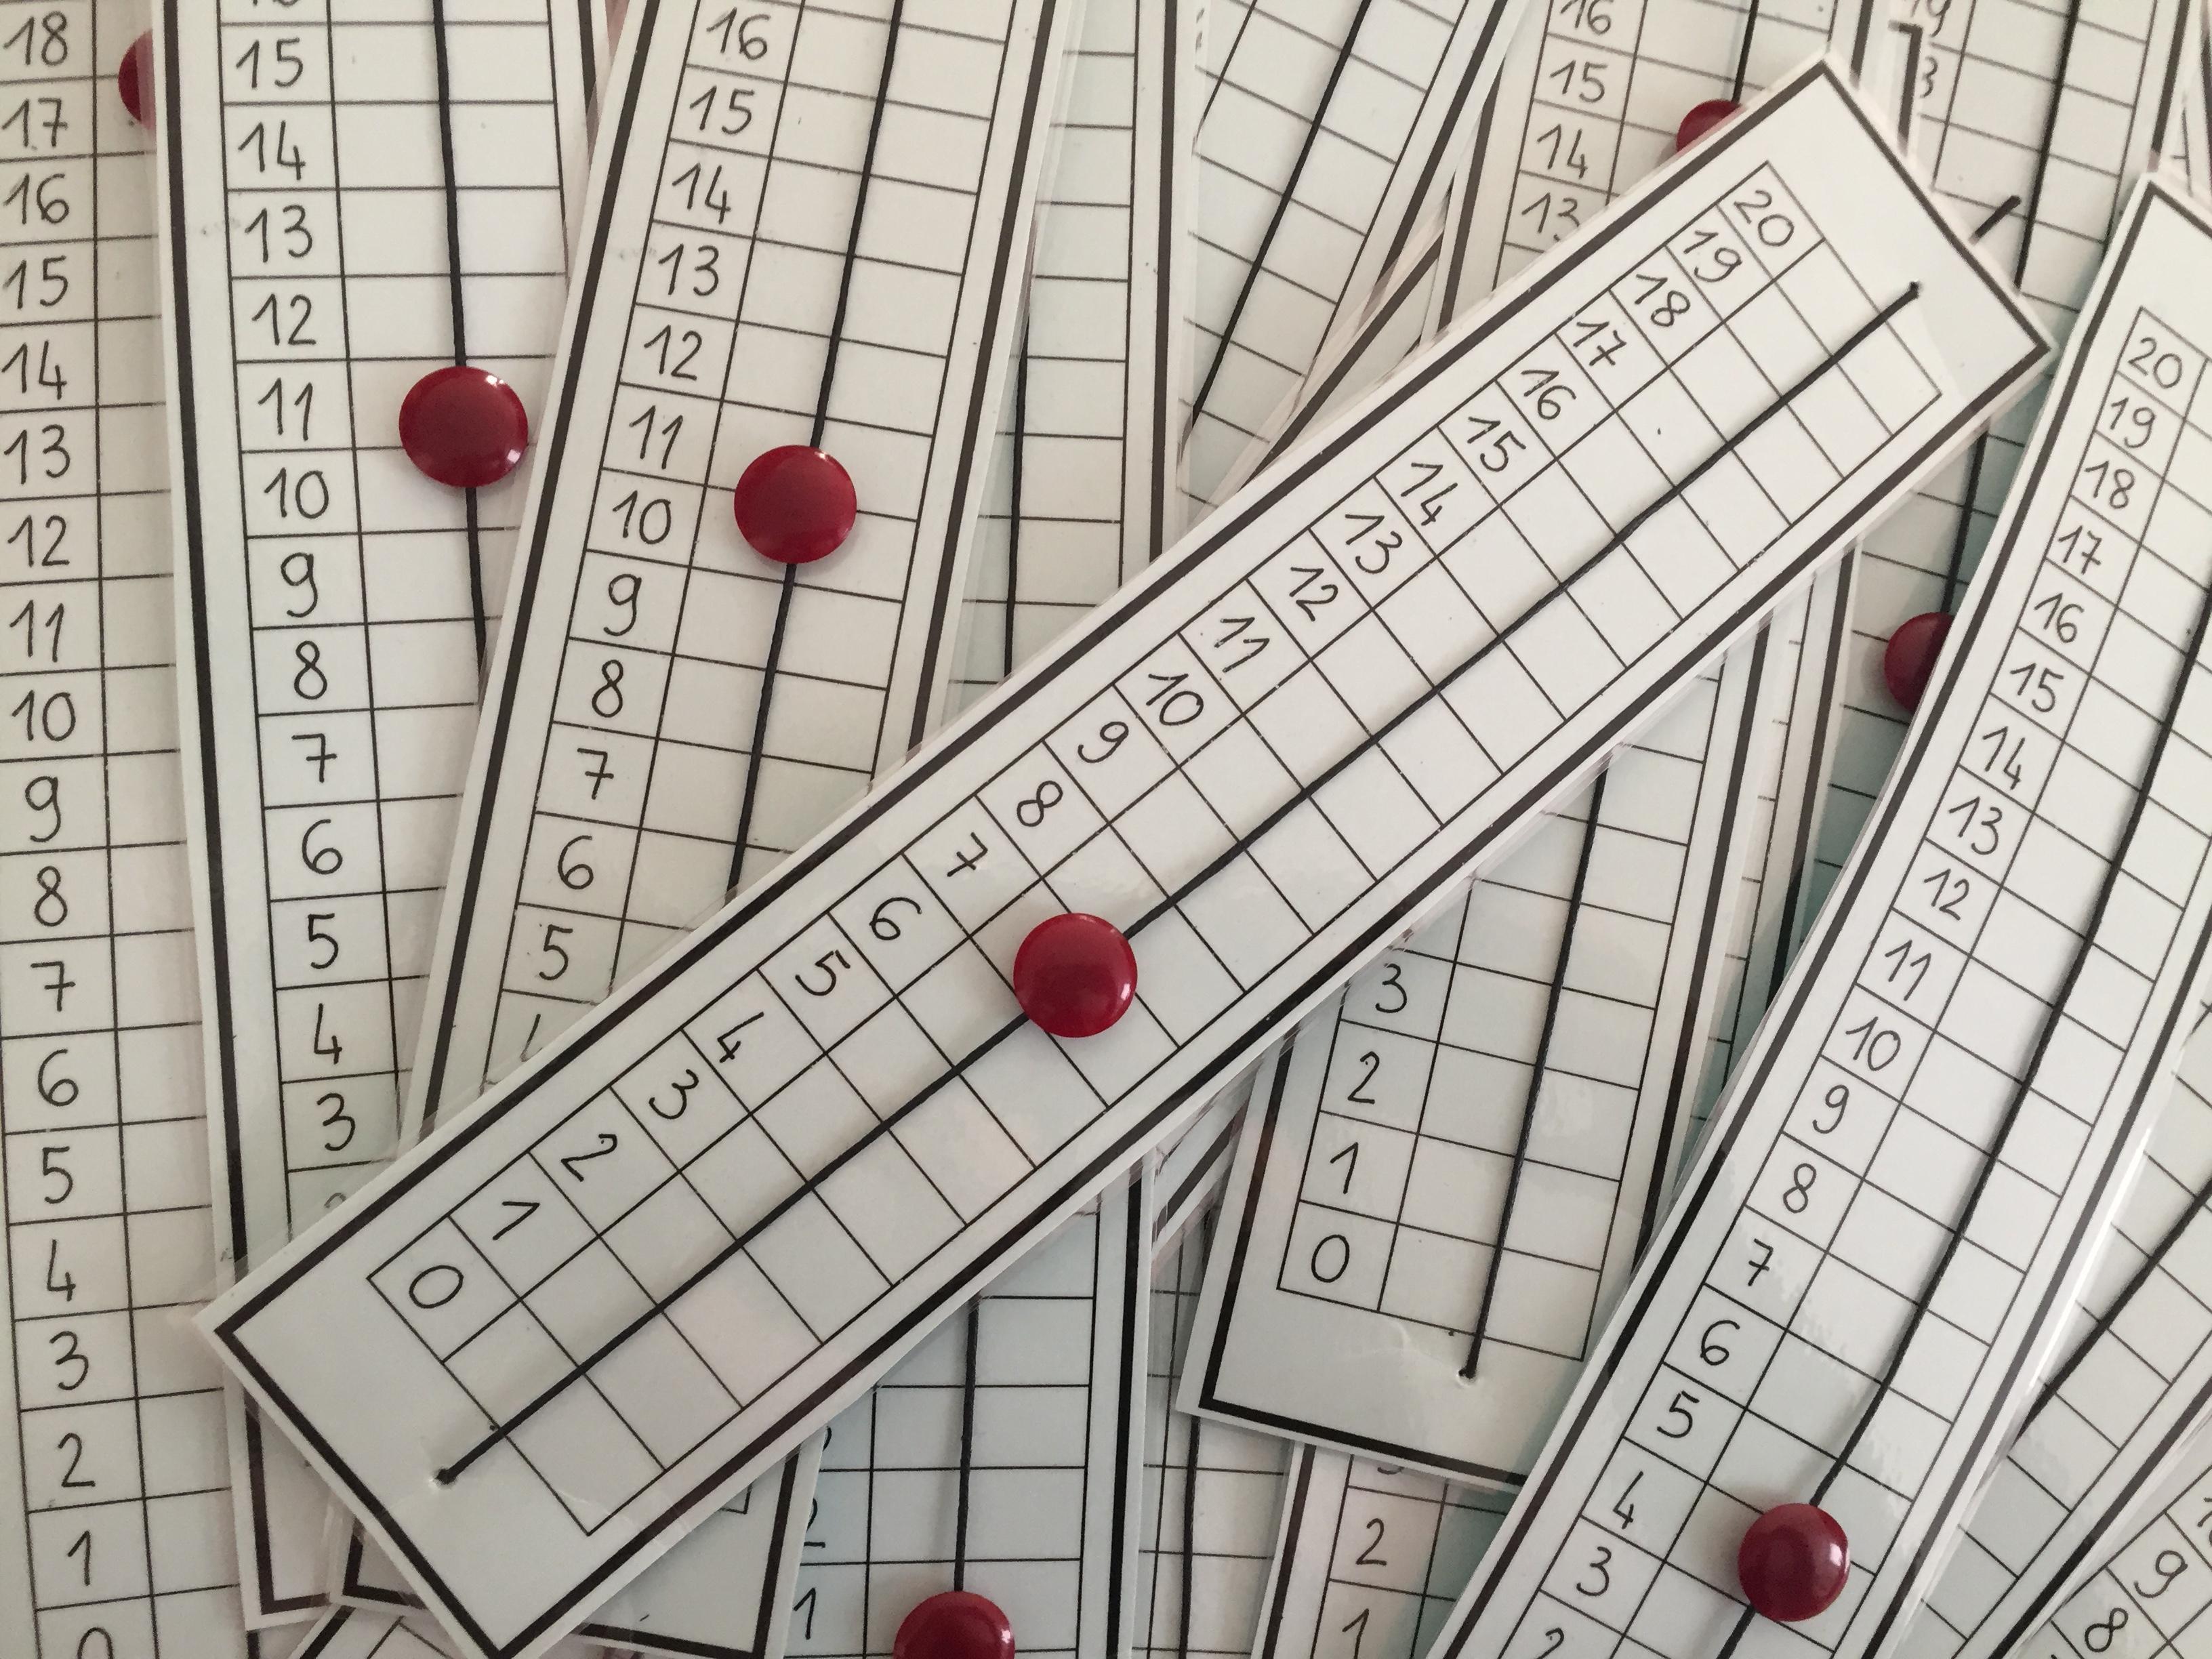 Linea dei numeri fino a 20 da stampare for Linea dei numeri da stampare